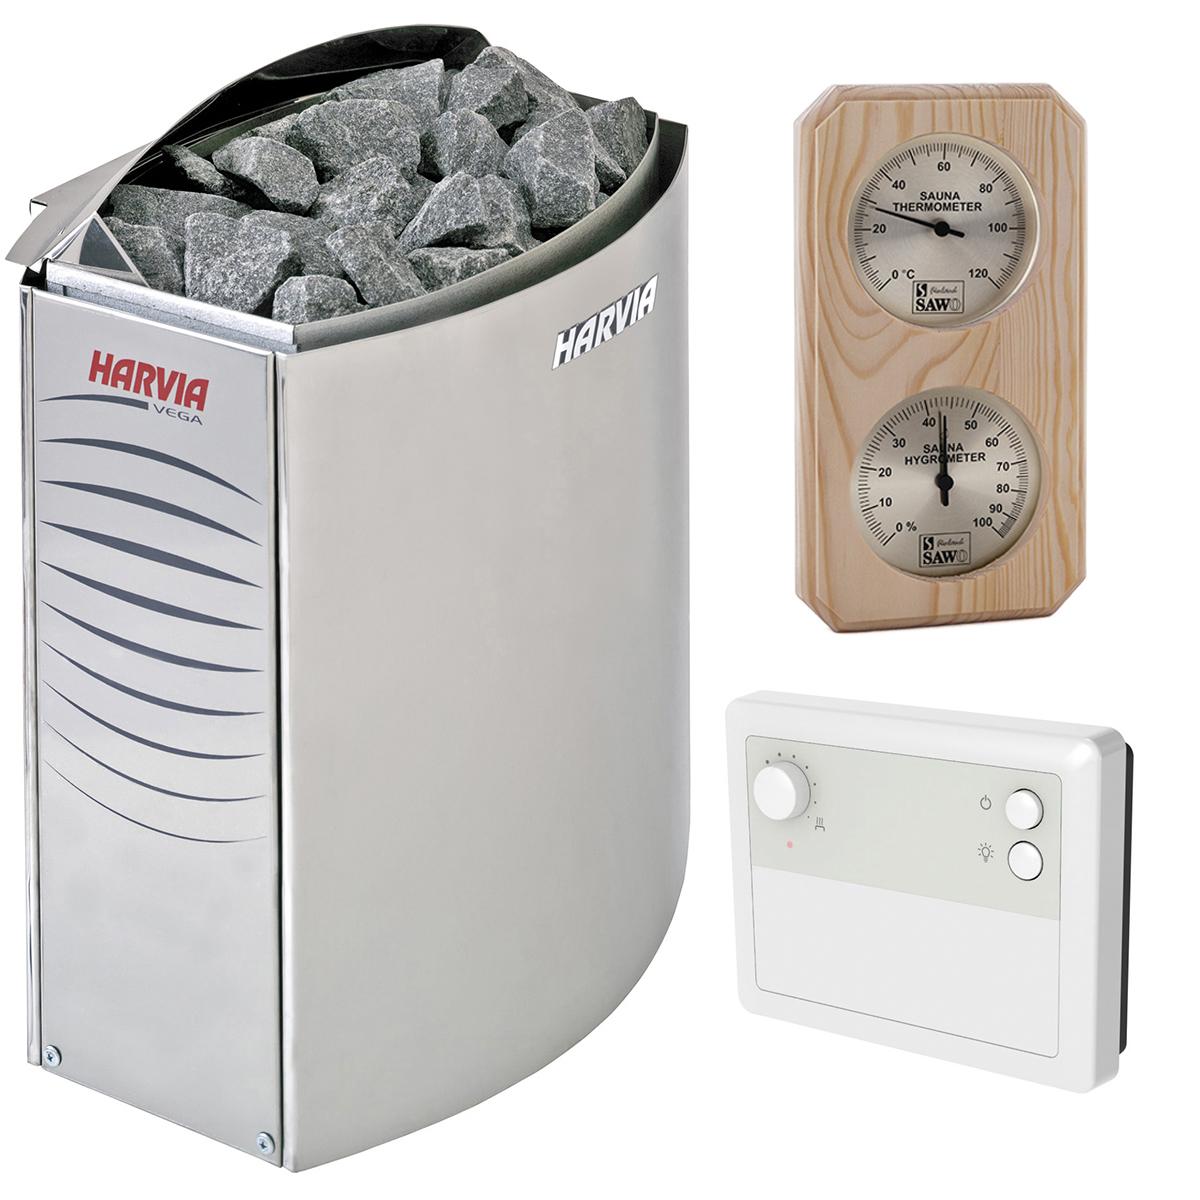 Электрокаменка harvia the wall sw60, печь харвия для сауны, печь в сауну, купить по цене 25.300 руб.